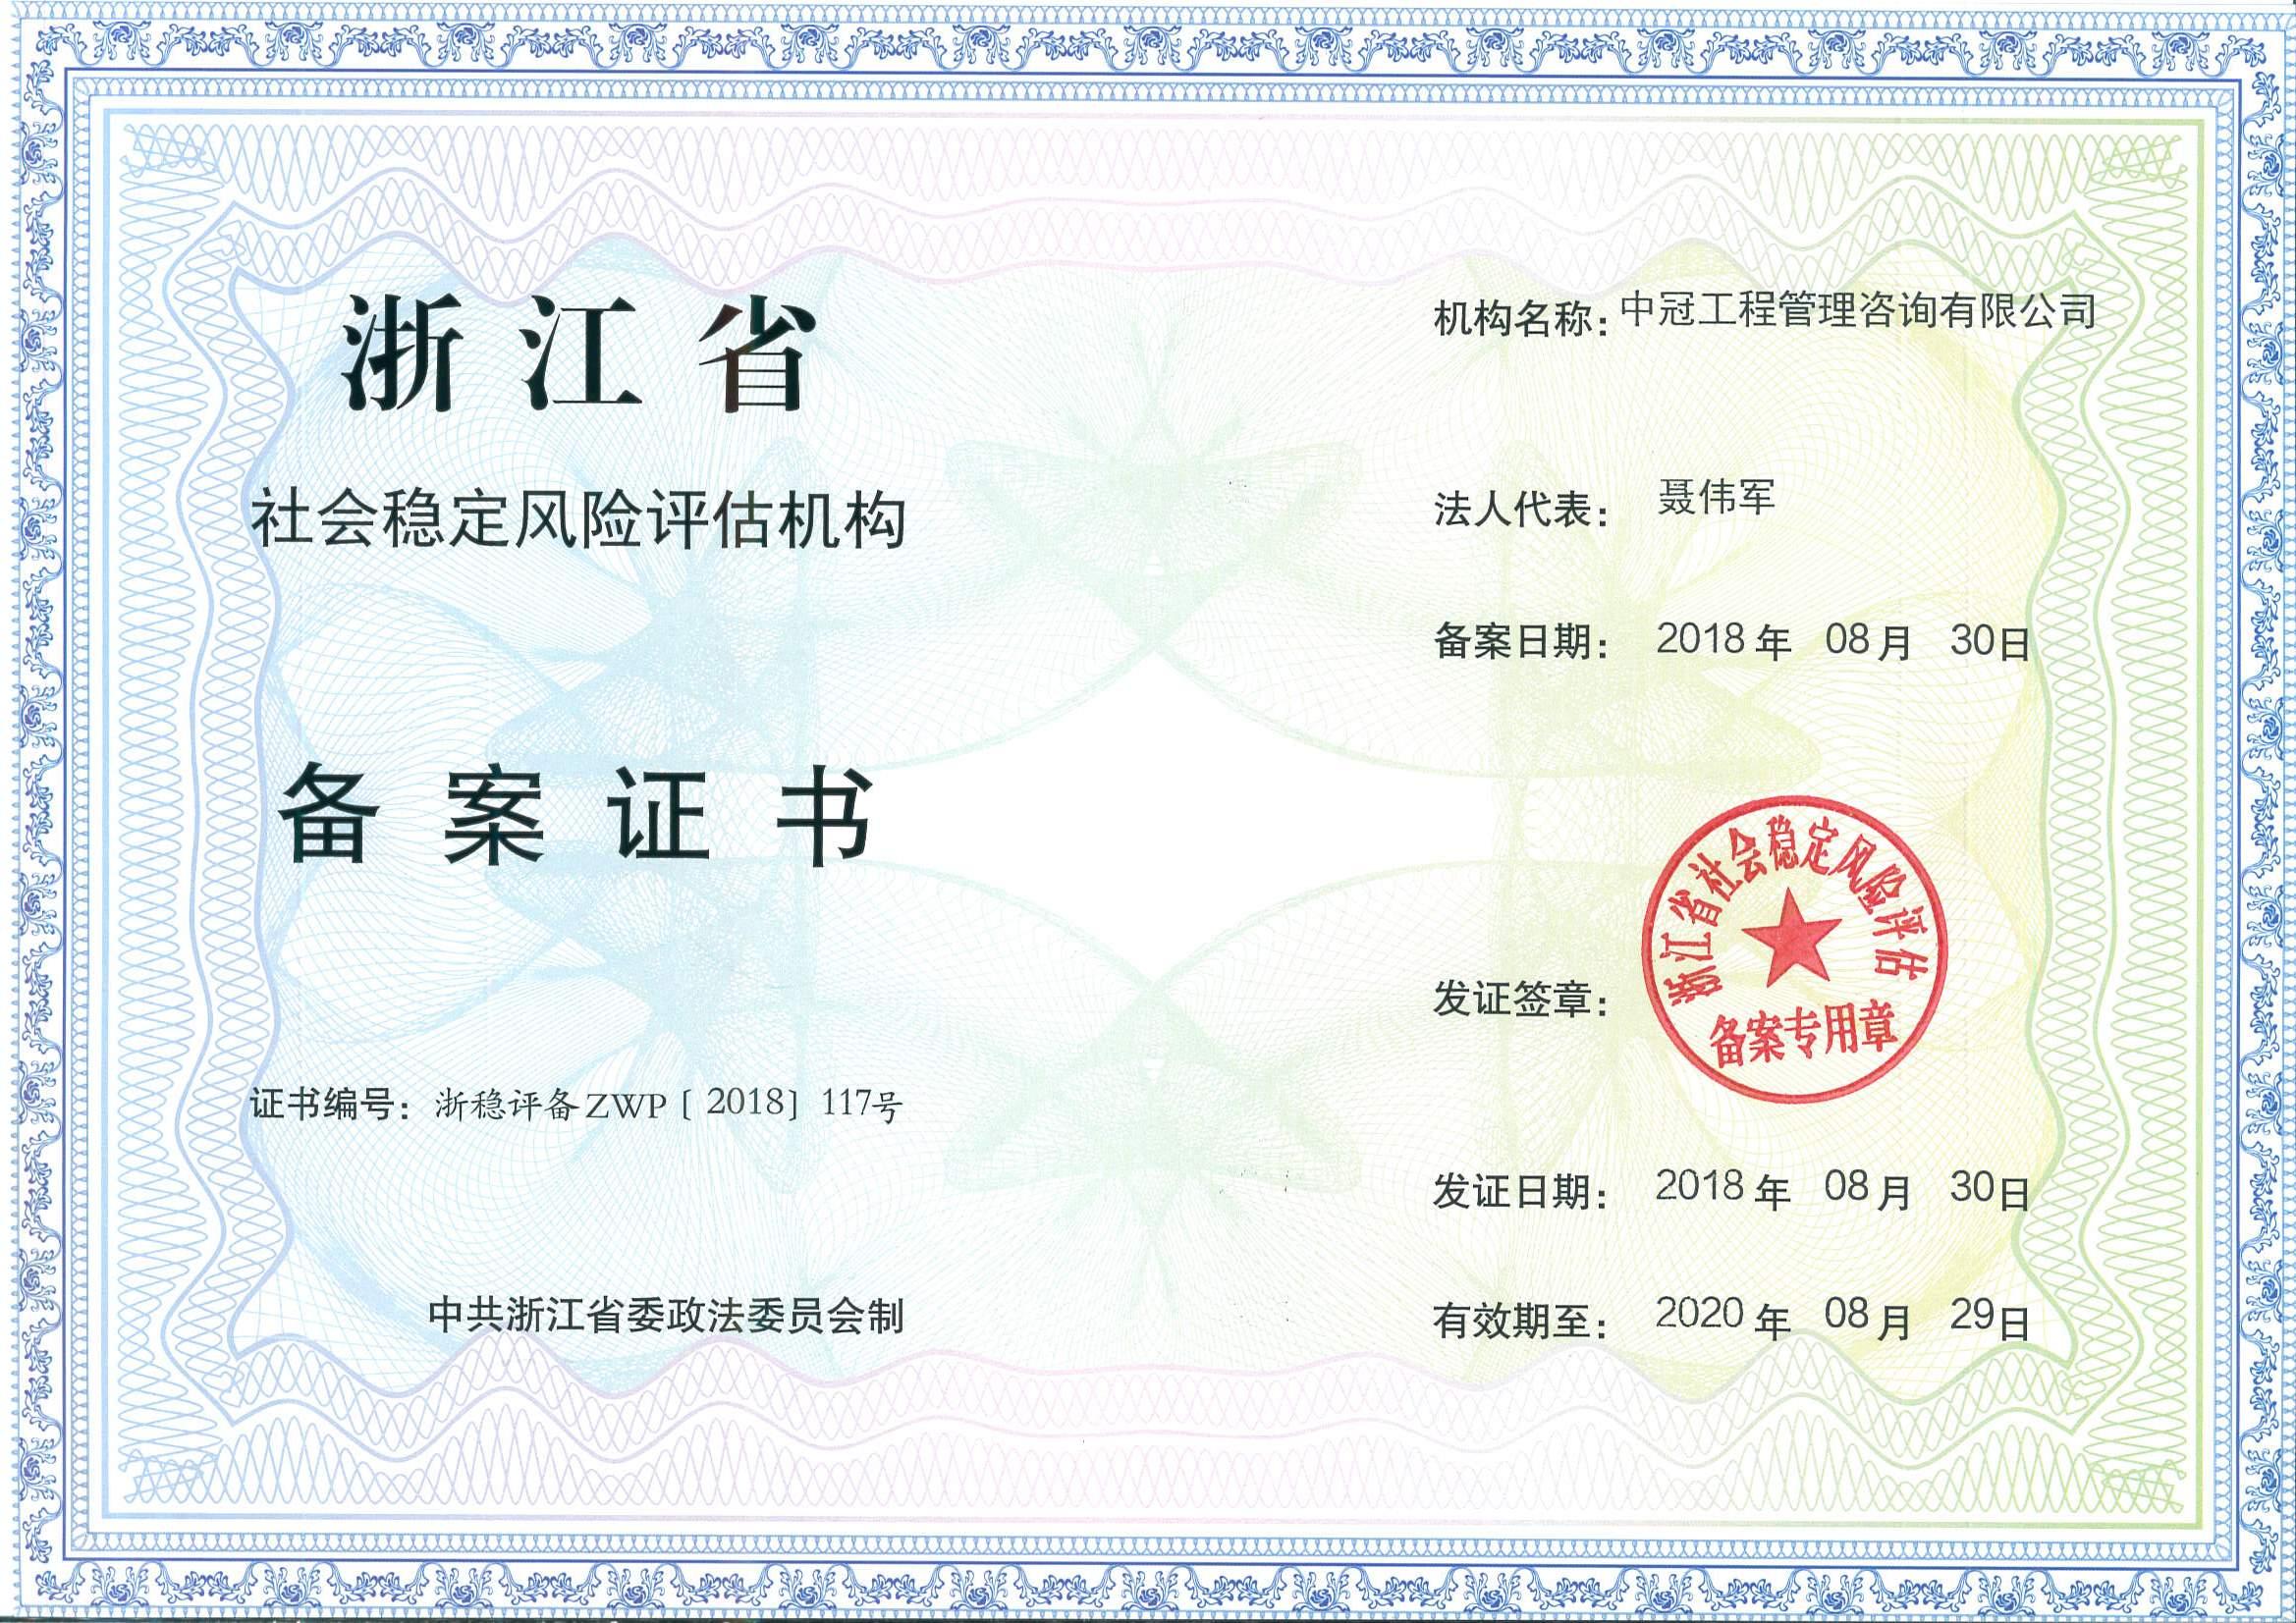 浙江省社会稳定风险评估机构.jpg